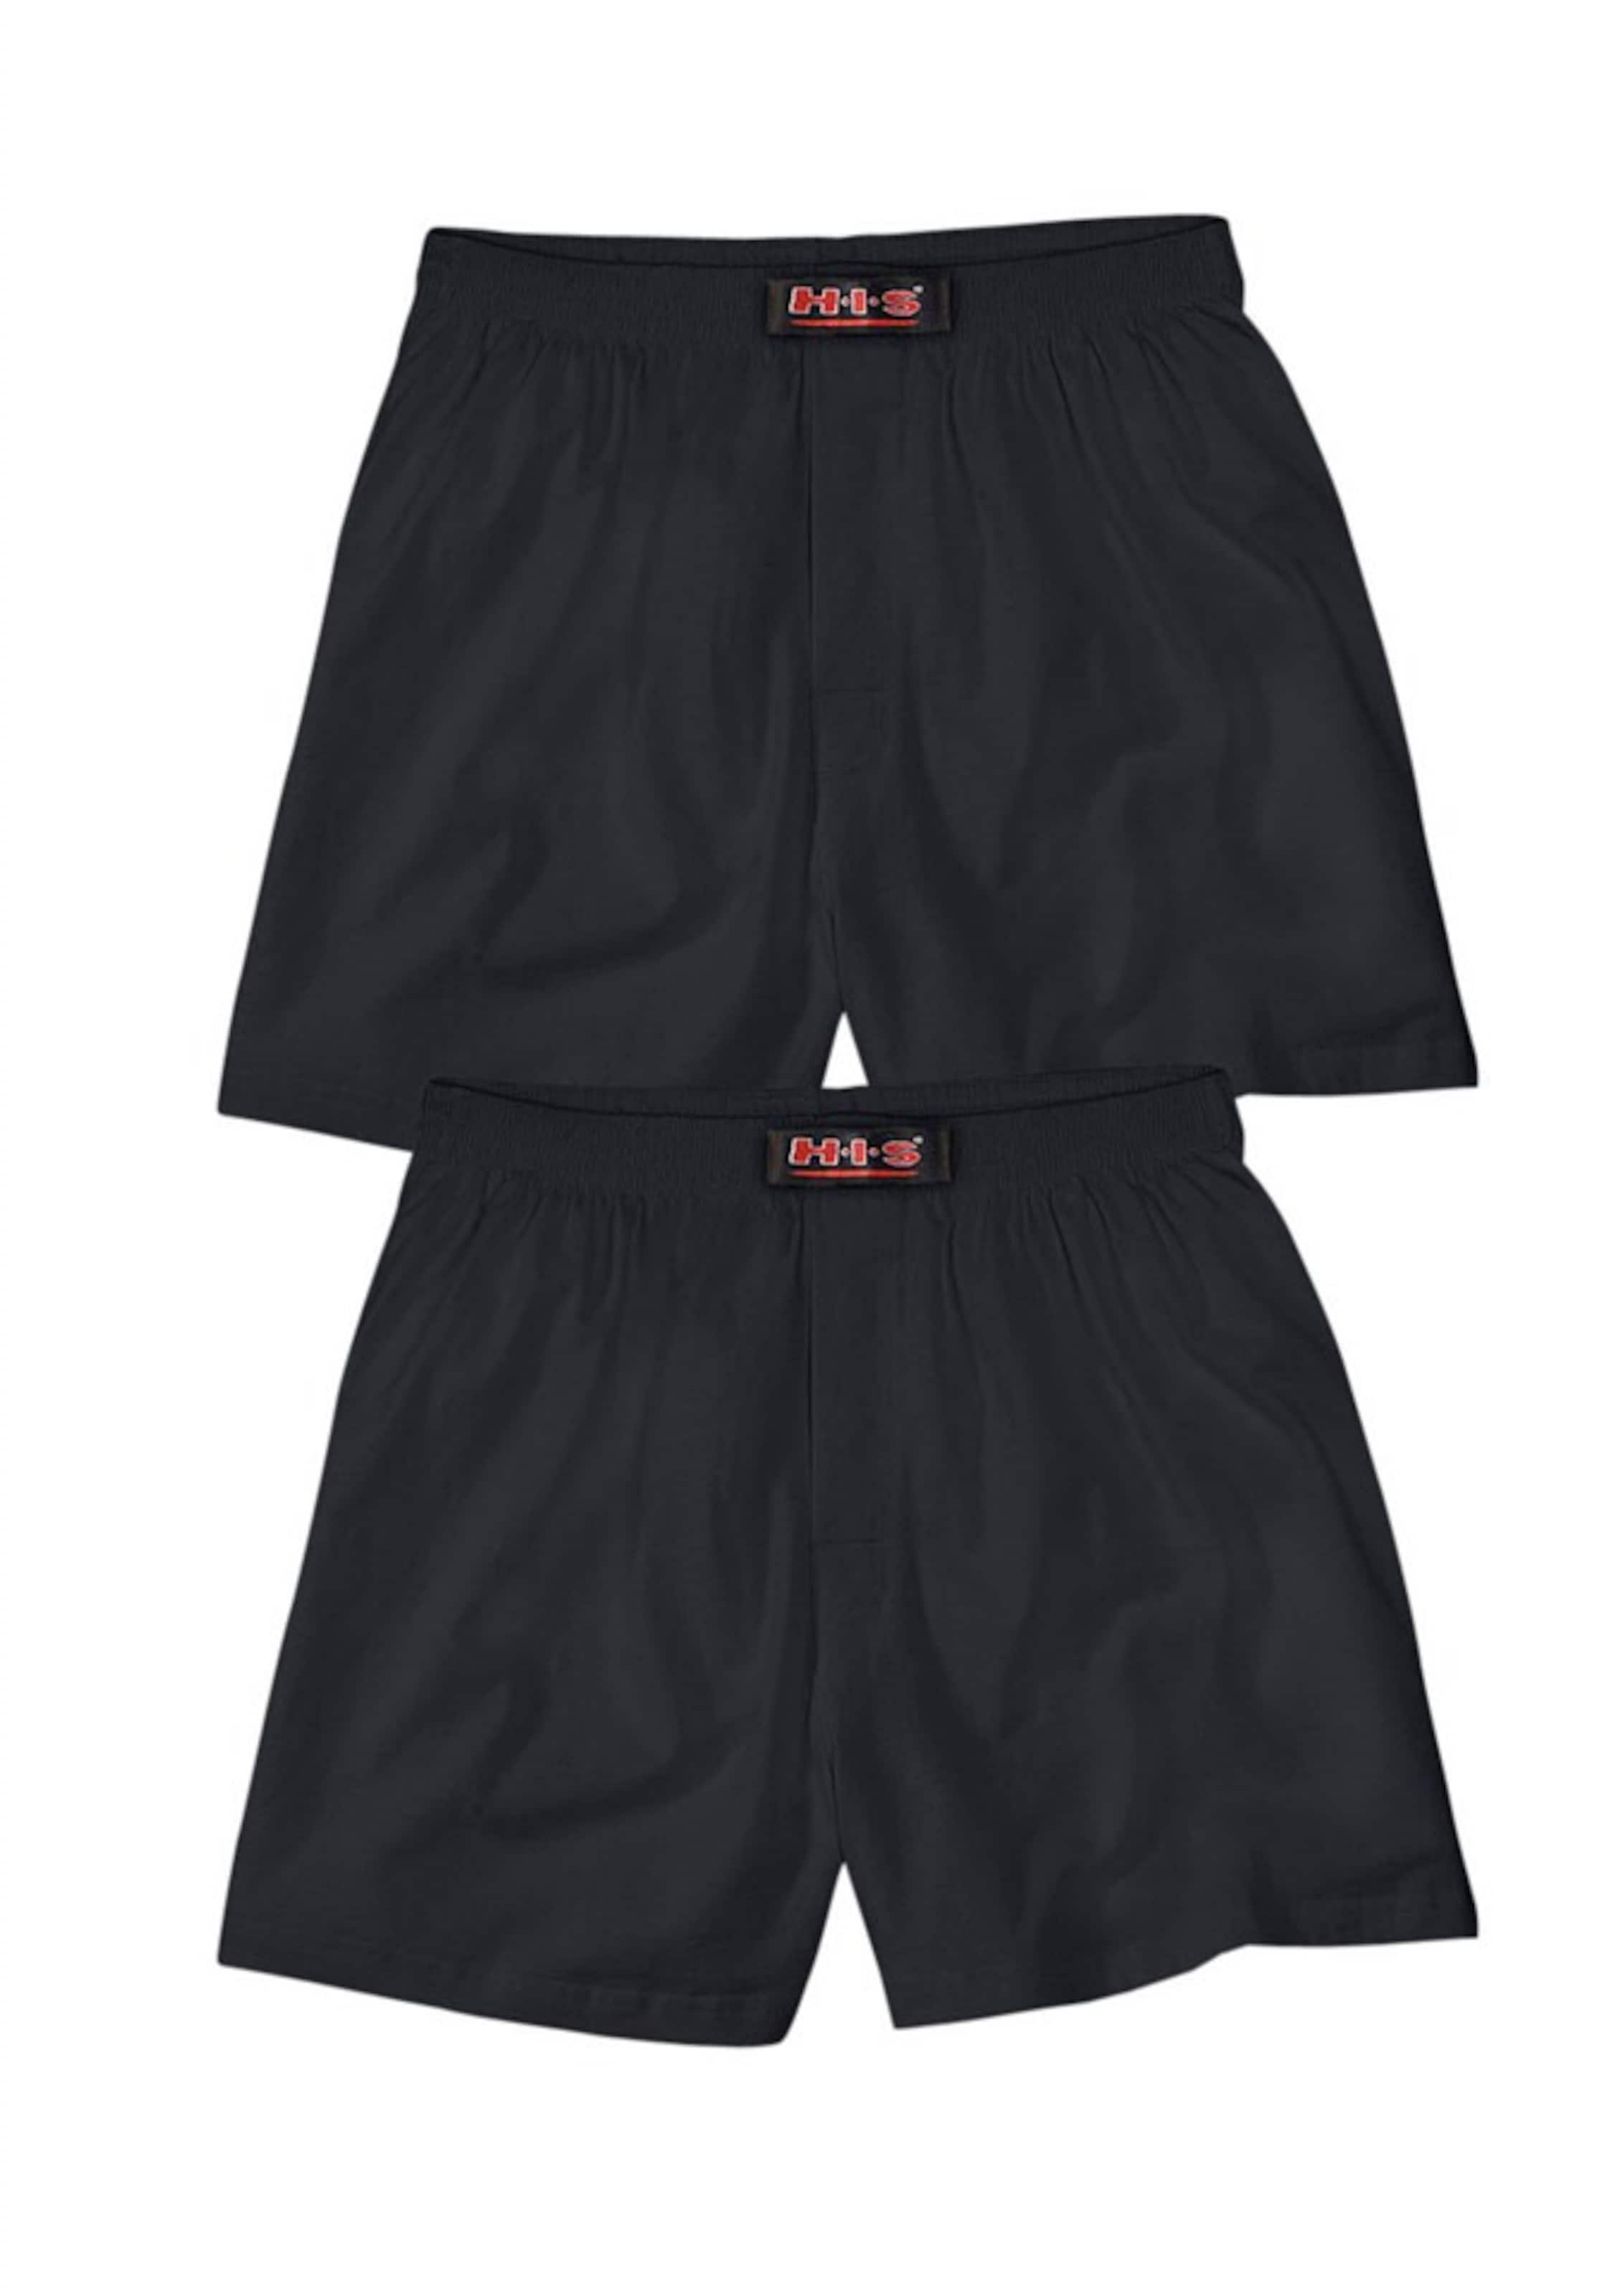 s Noir En Boxers H i 3RAjL45q